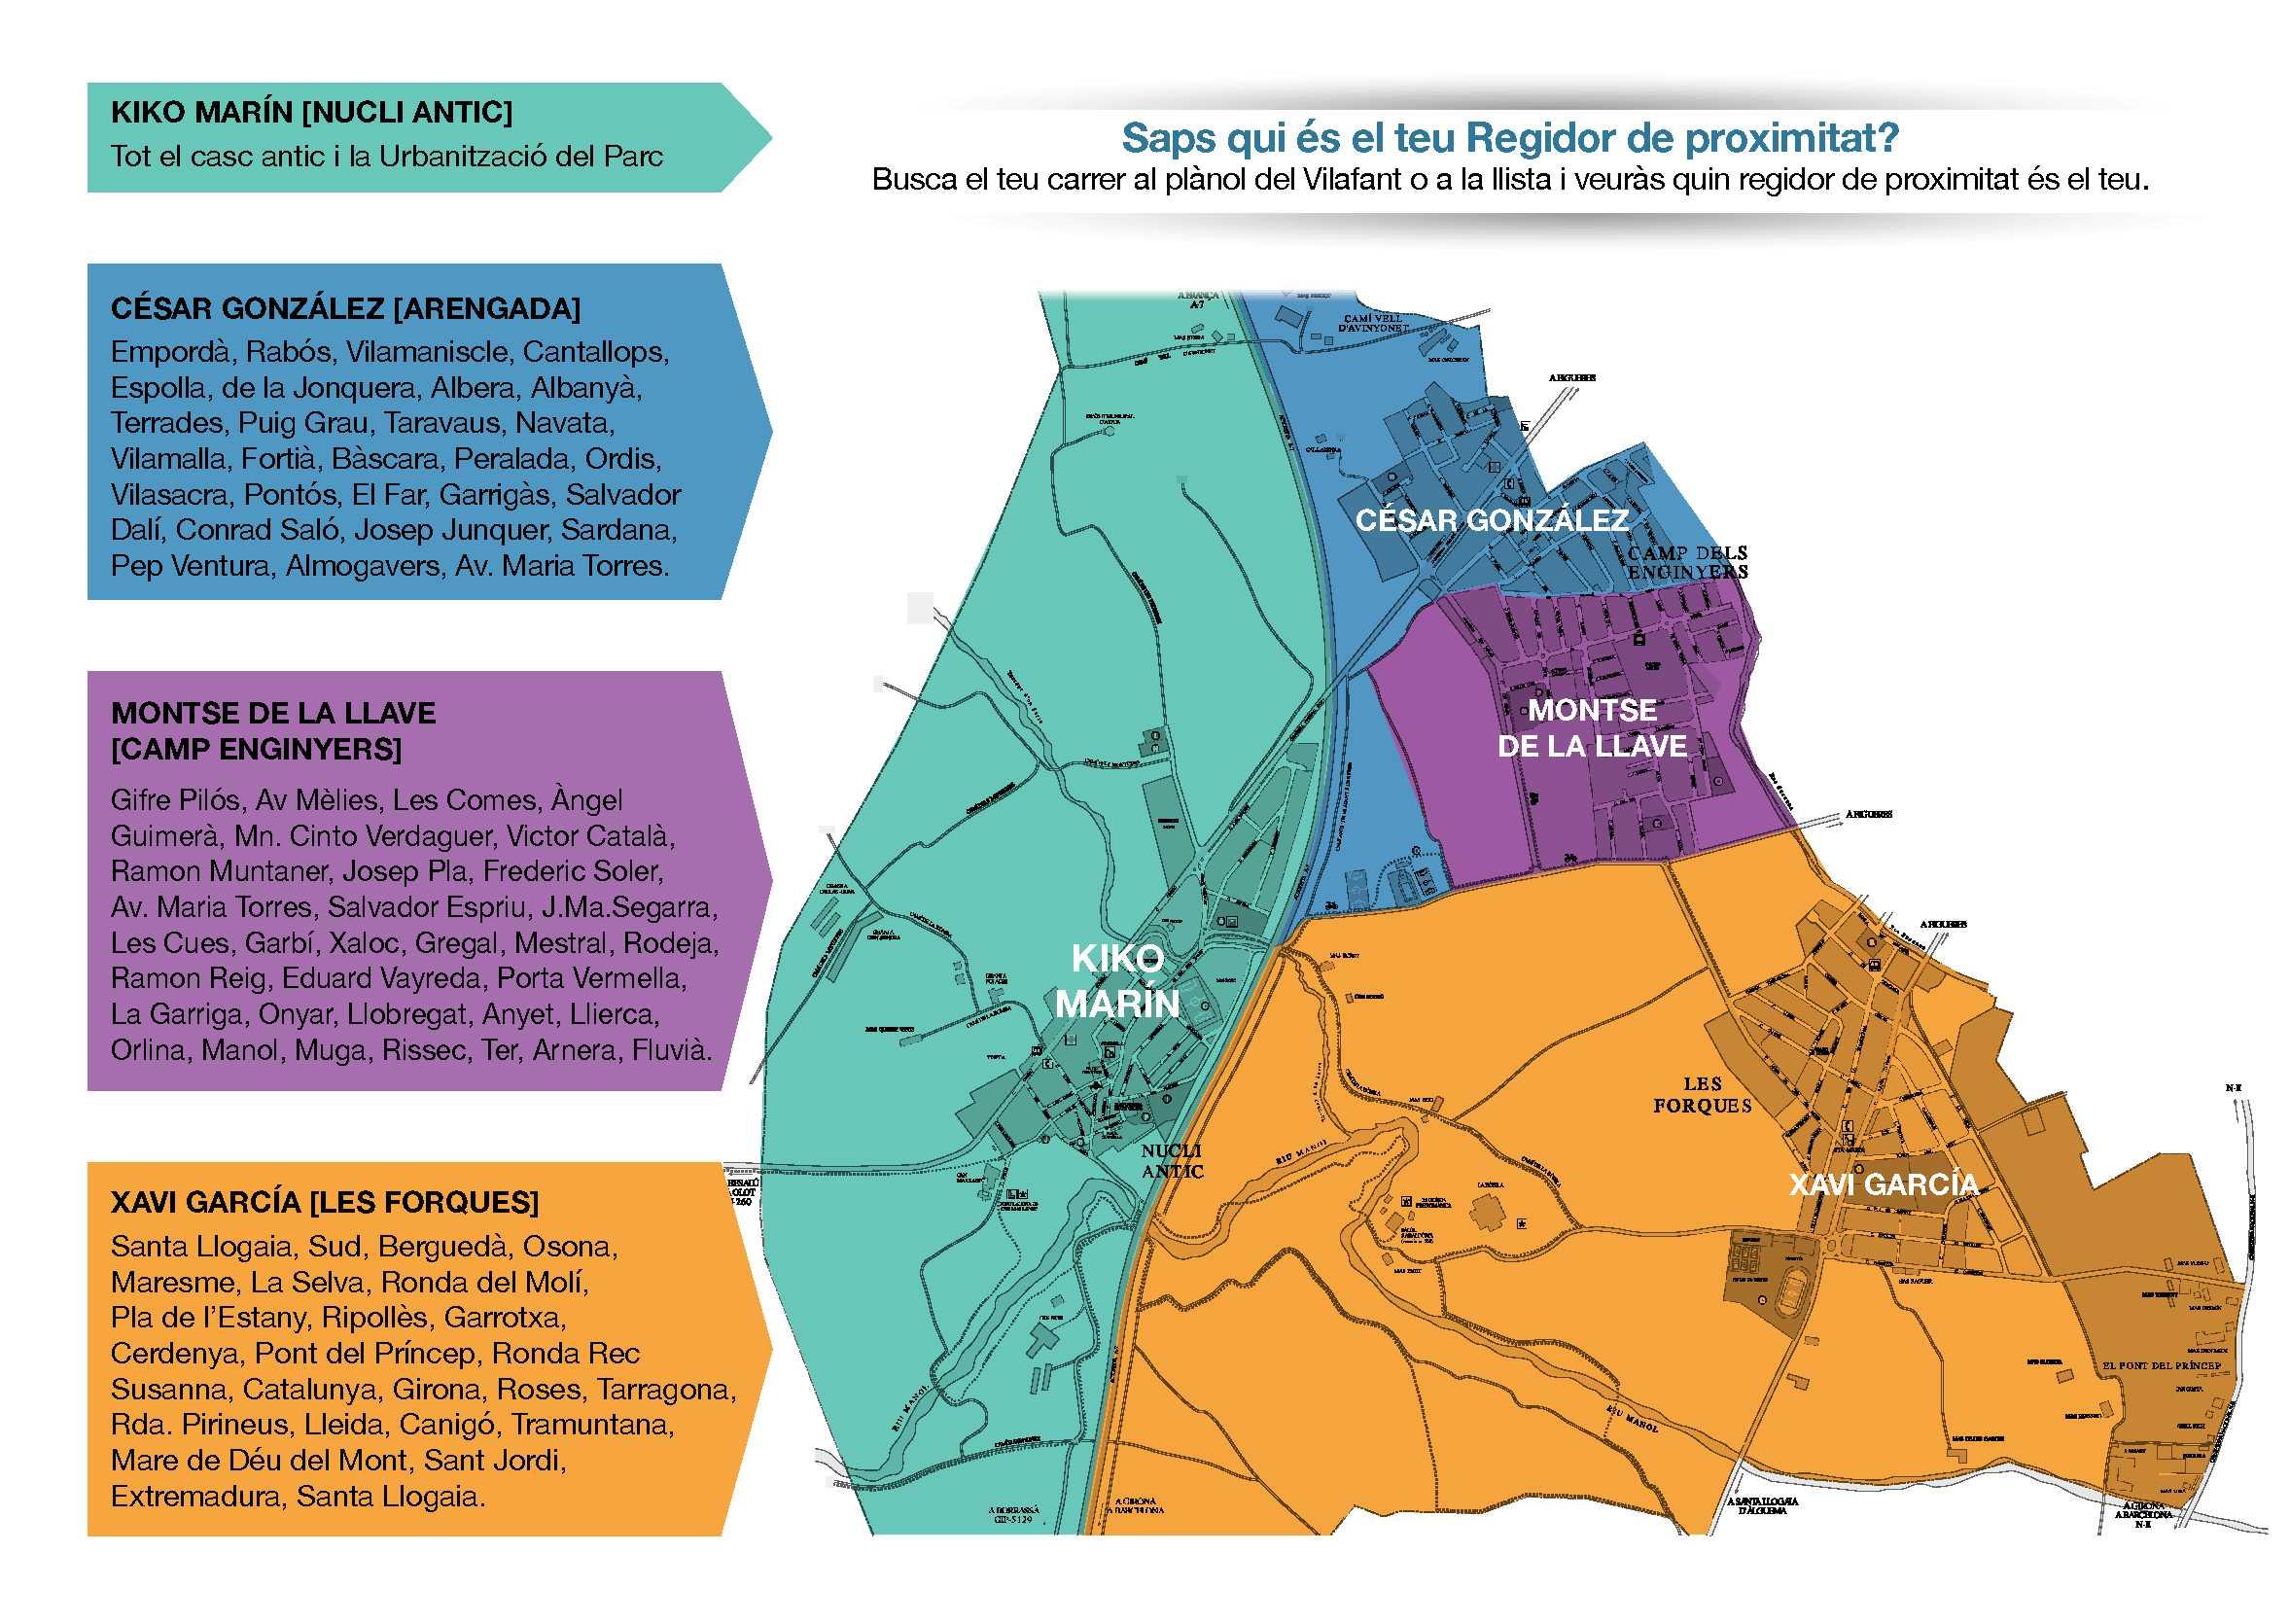 Regidoria de proximitat 2019 MAPA